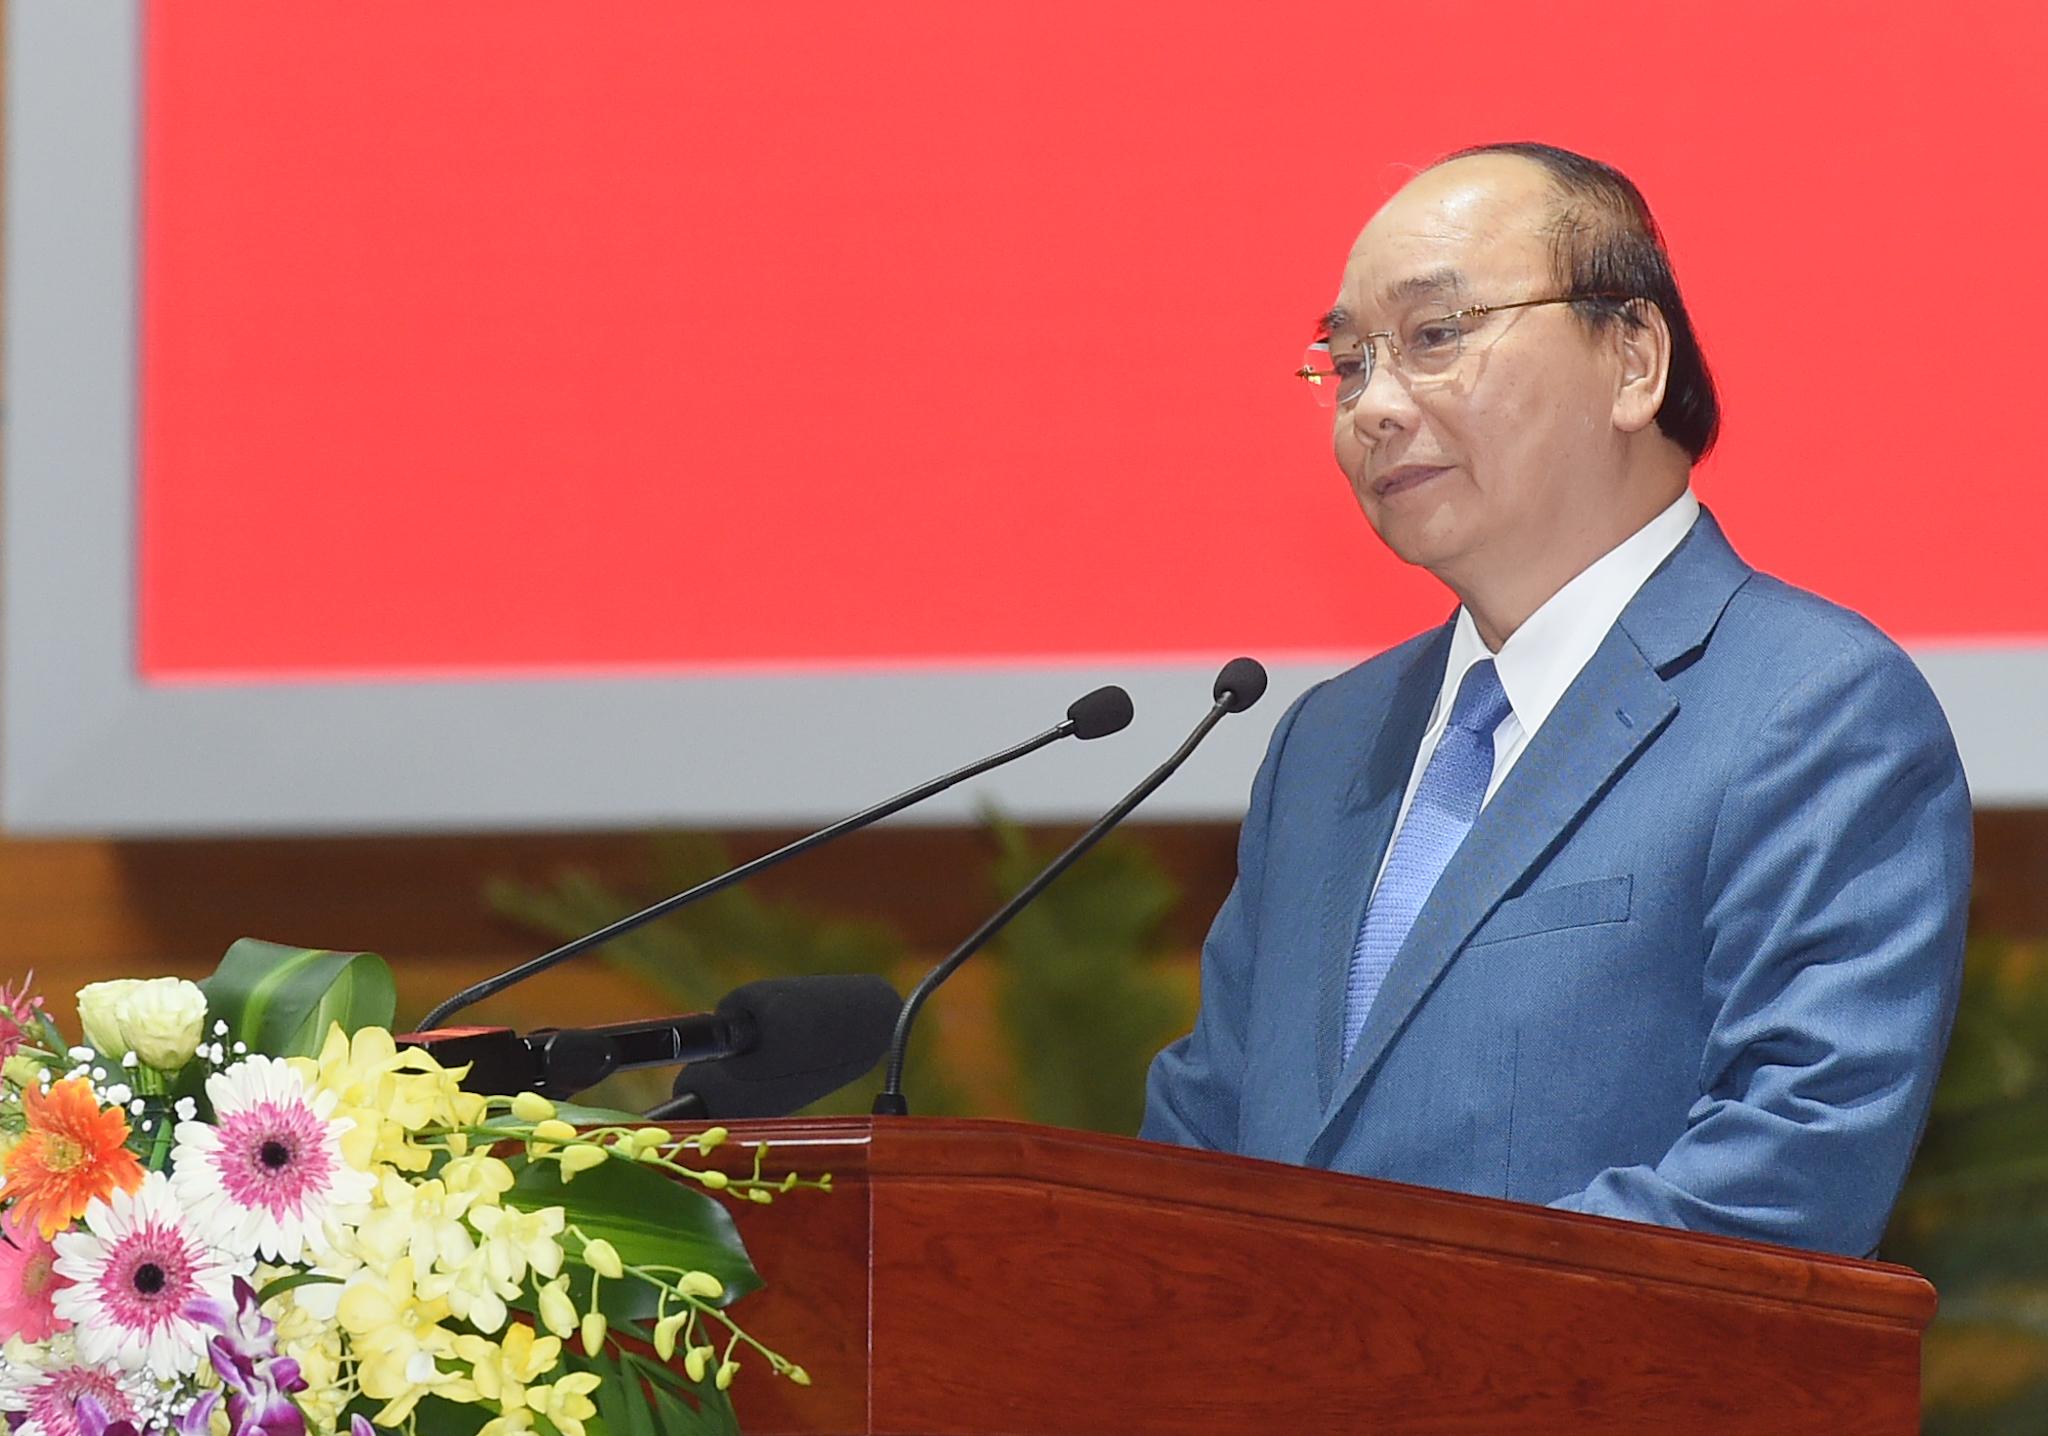 Thủ tướng Nguyễn Xuân Phúc biểu dương những nỗ lực của ngành y tế thời gian qua. Ảnh: VGP/Quang Hiếu